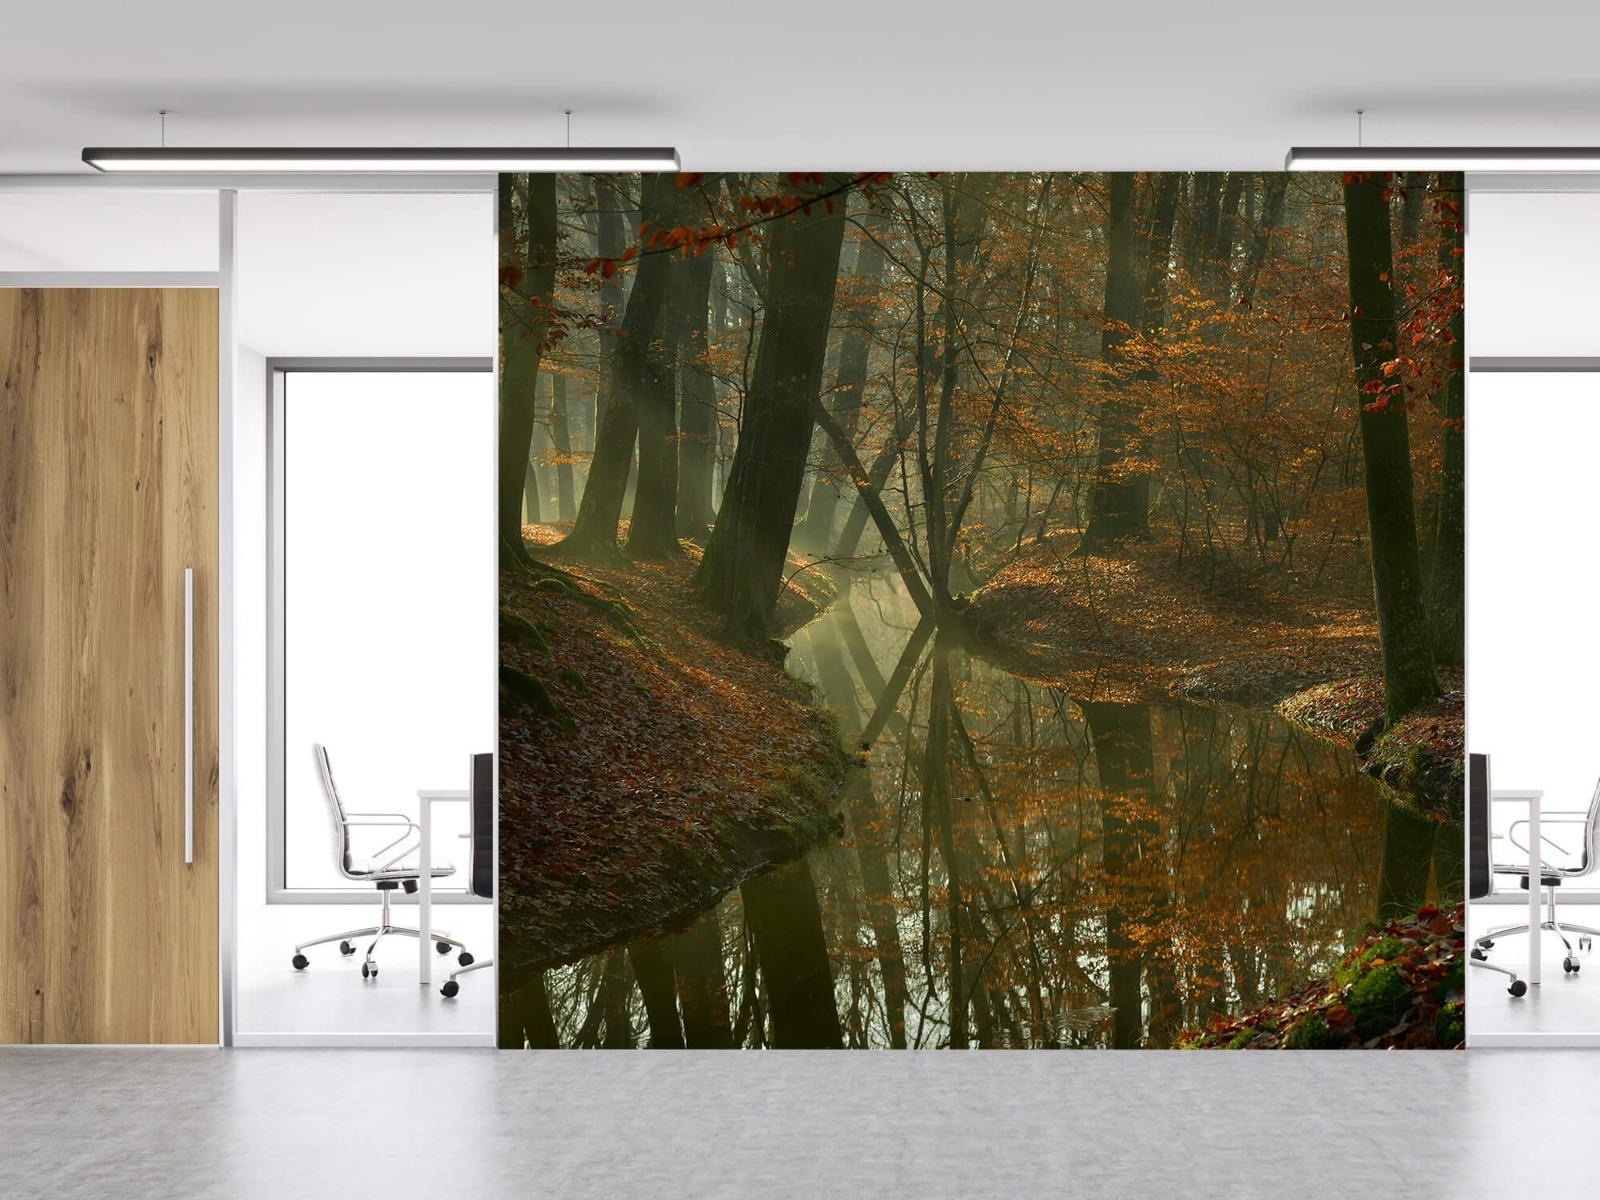 Herfst - Beek door het bos - Slaapkamer 12